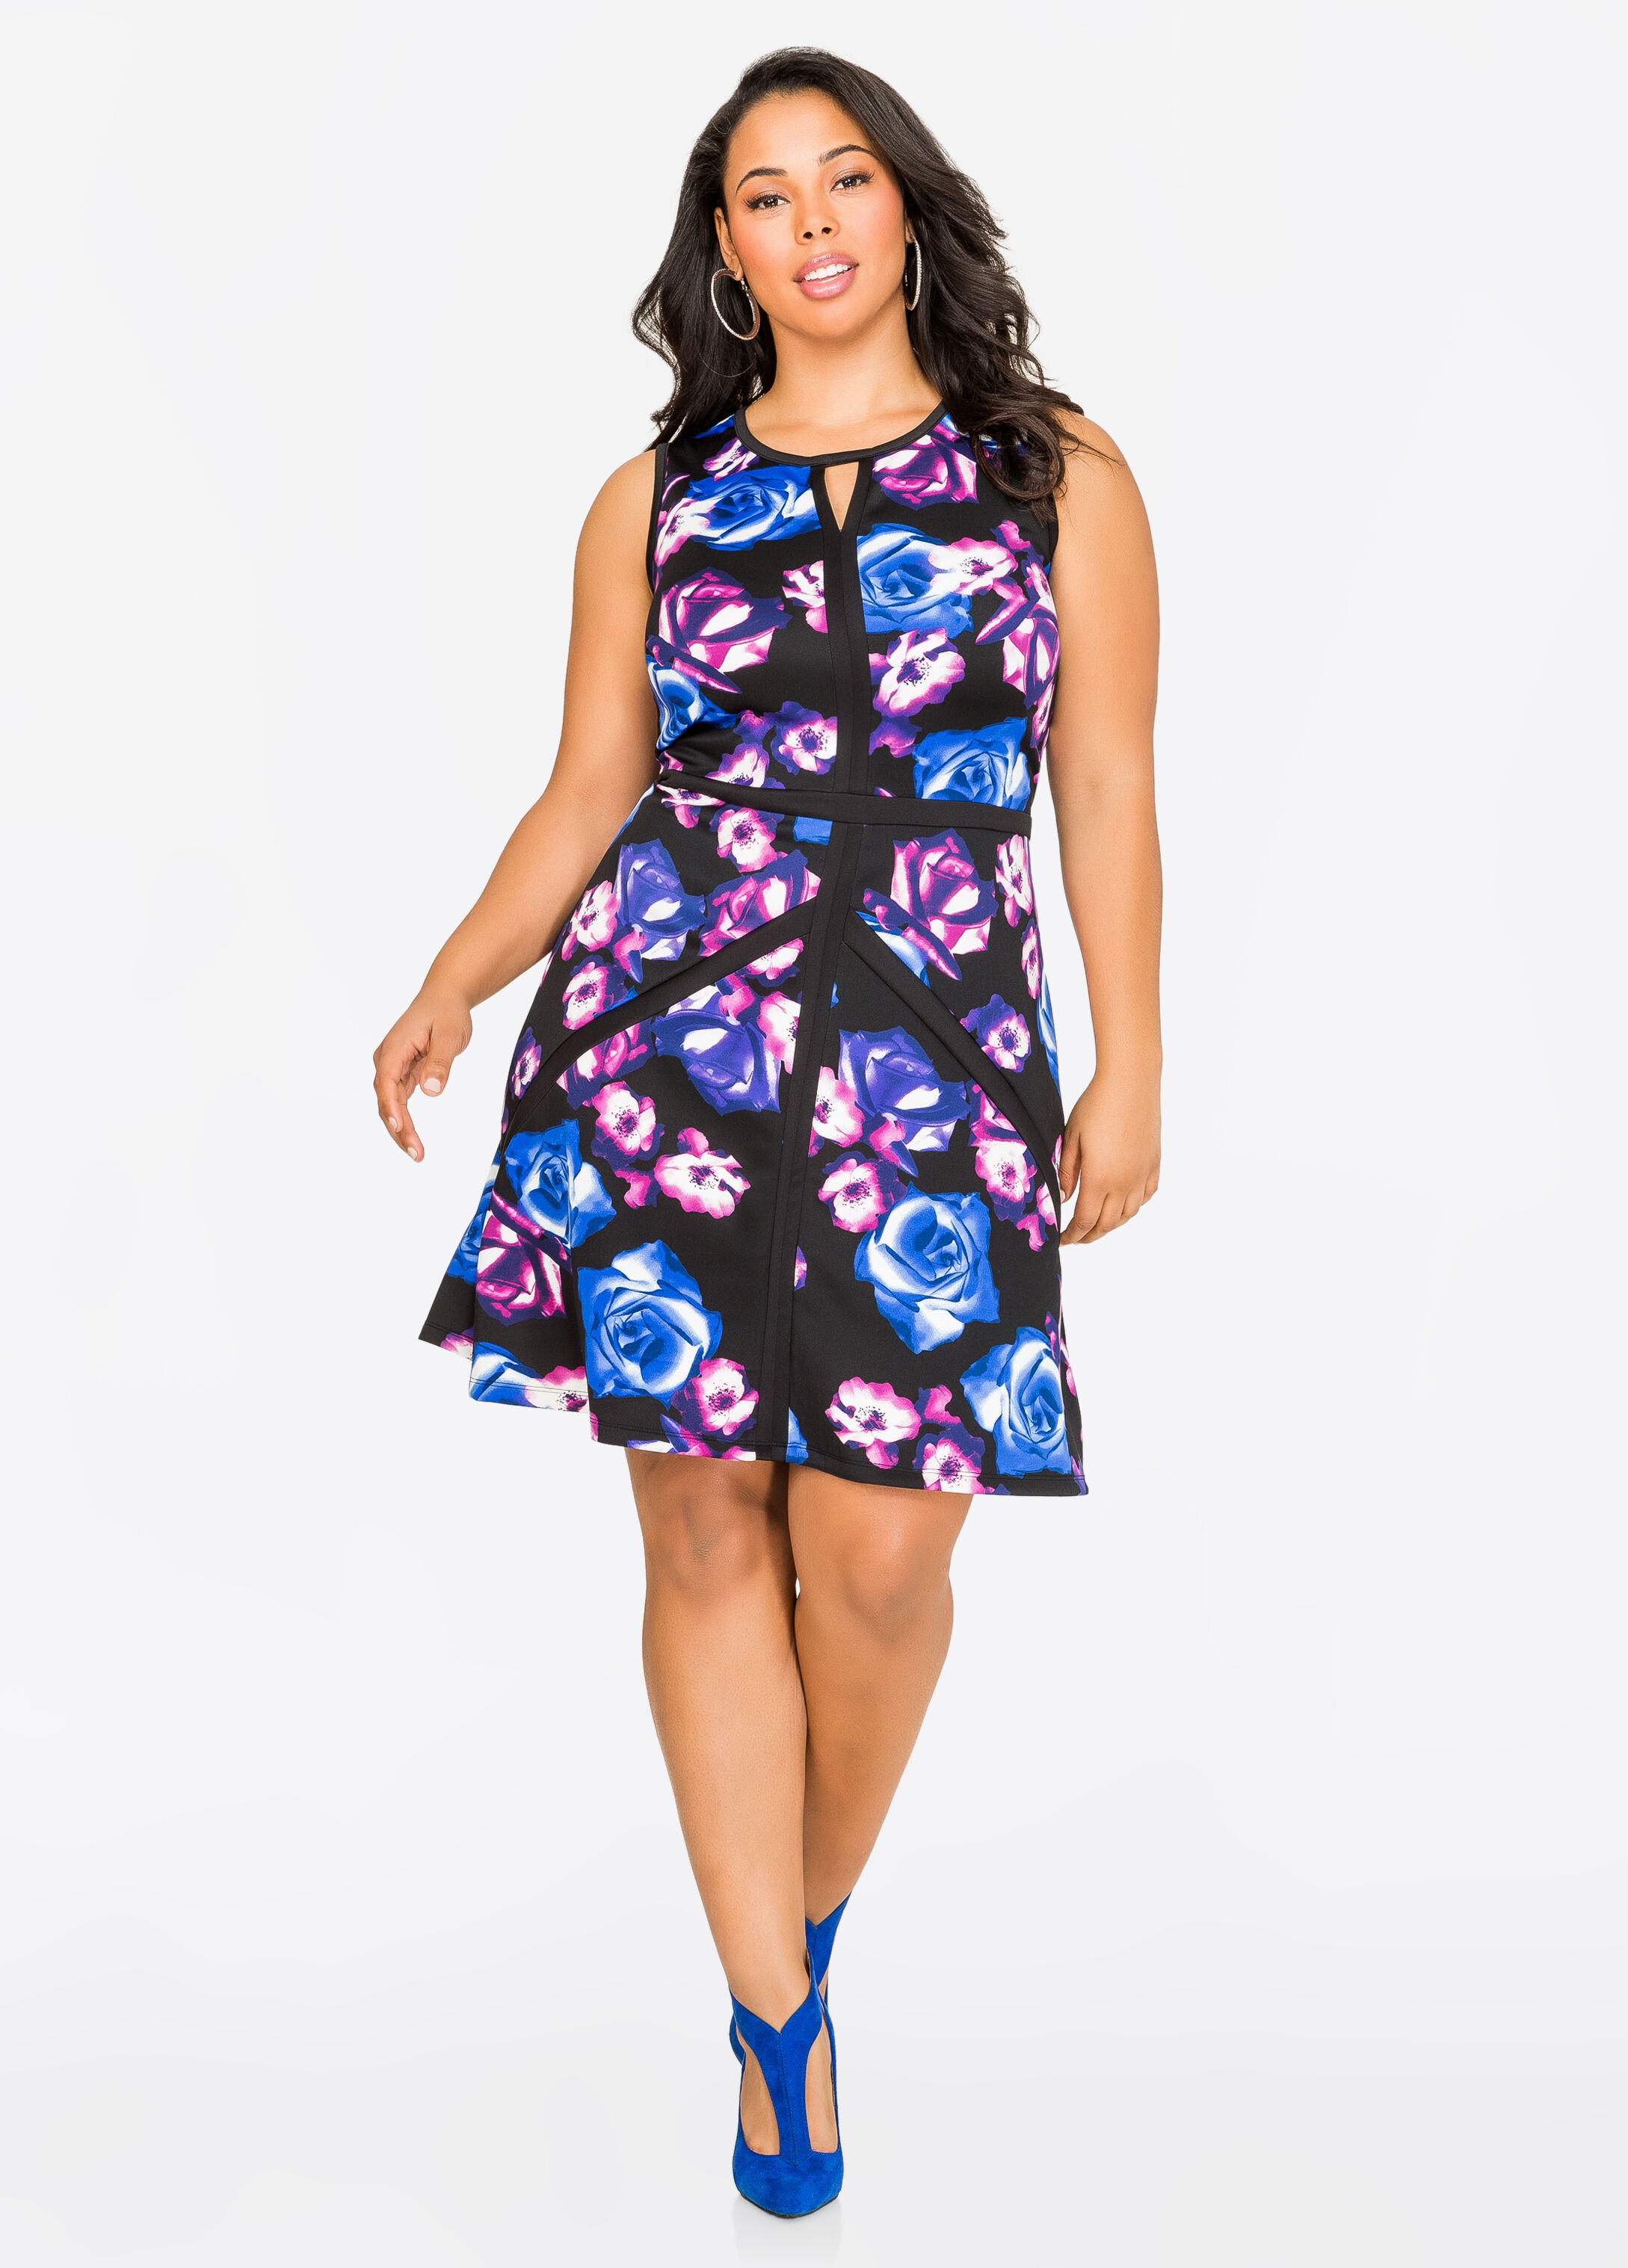 plus size dress rental uk holidays